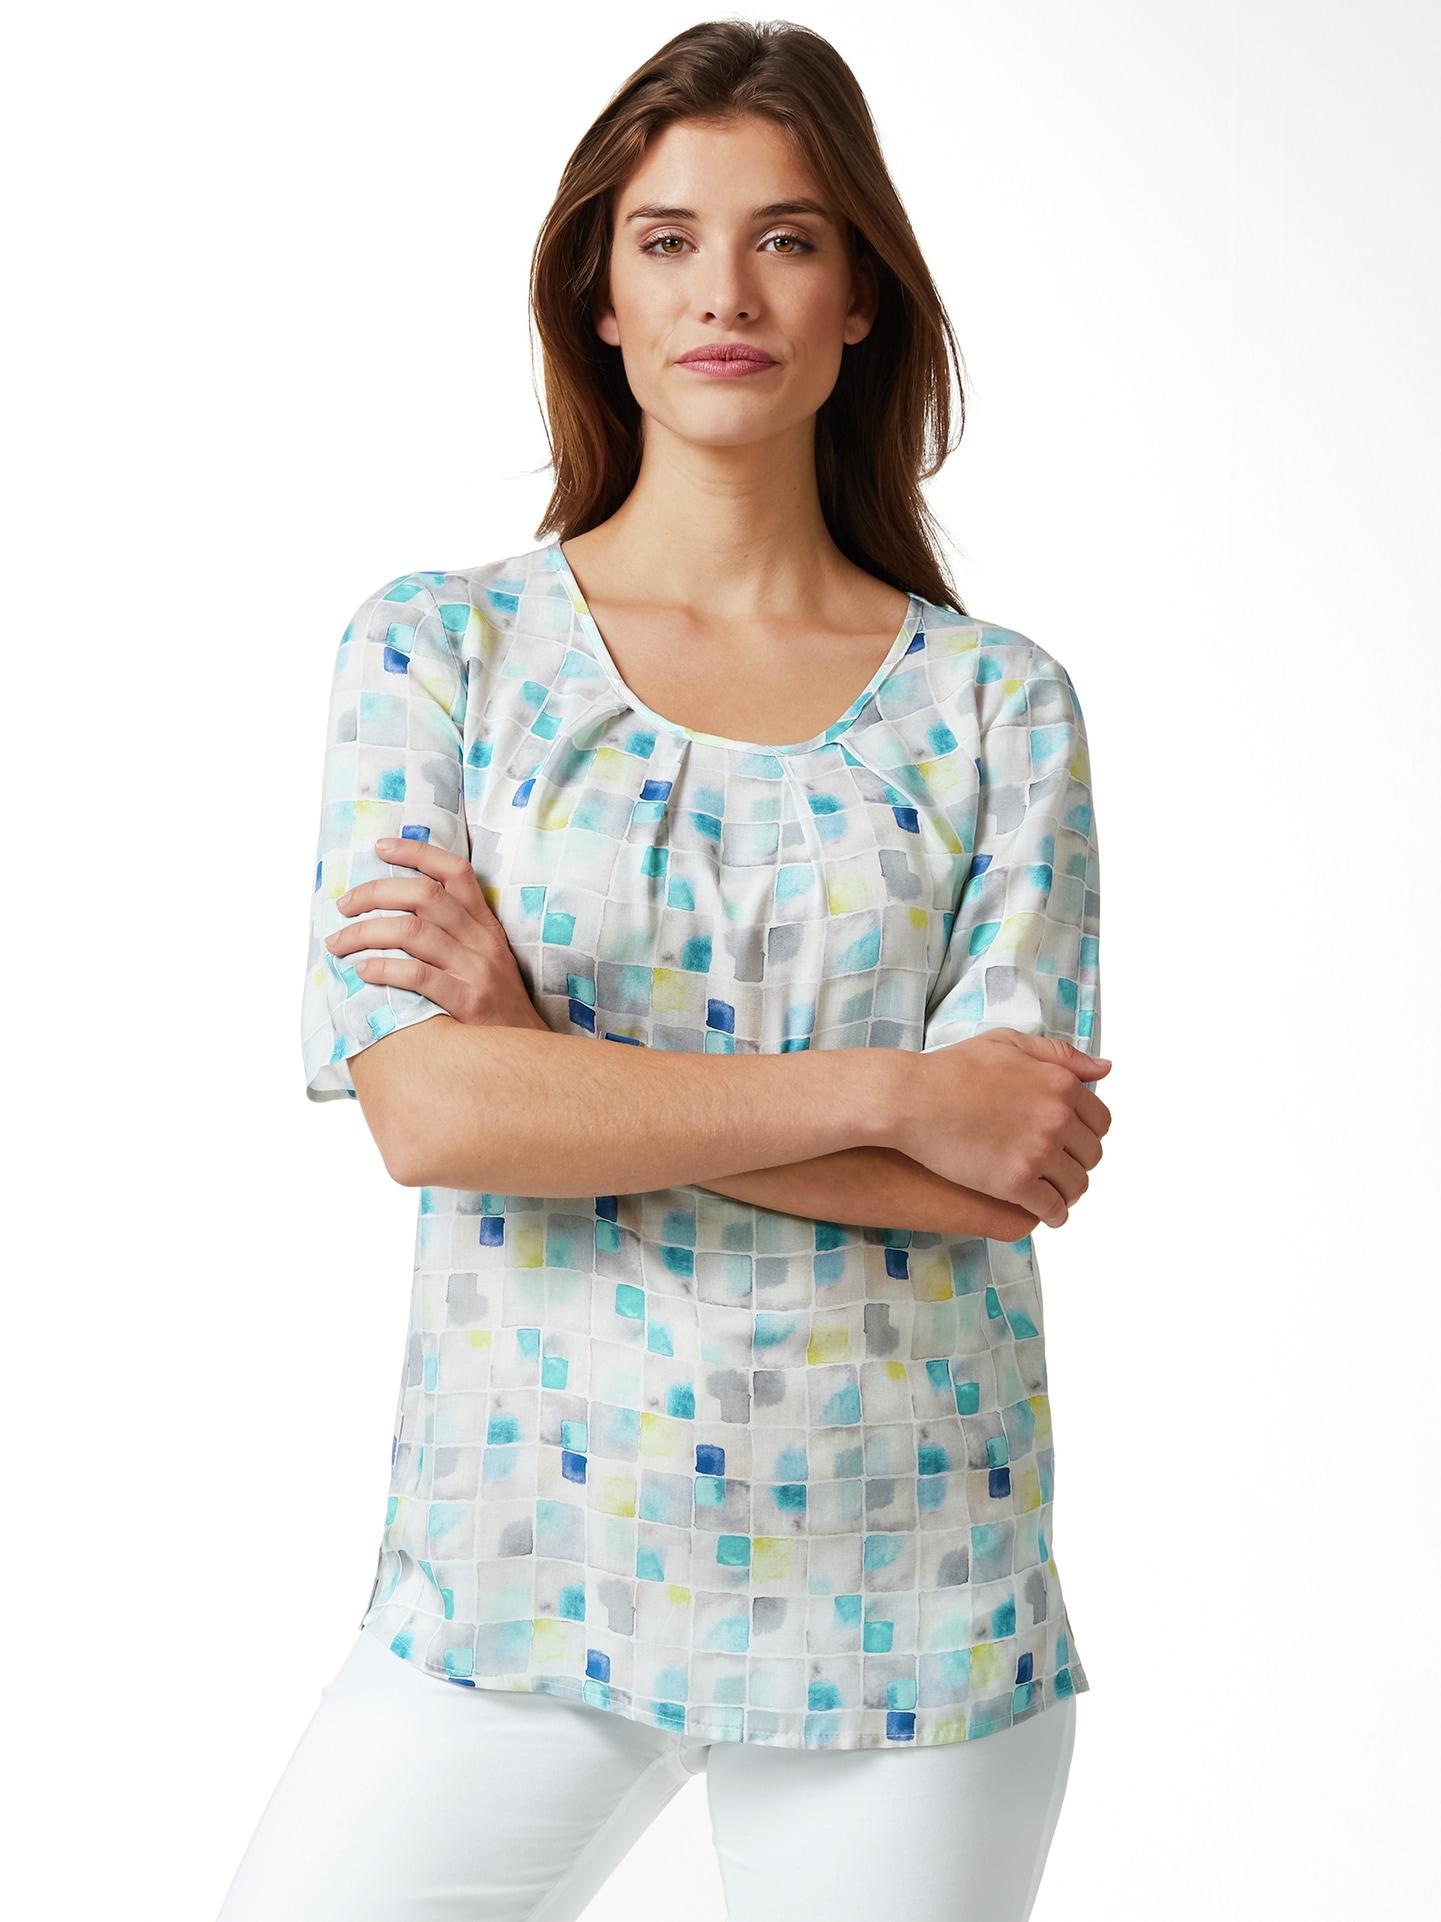 Walbusch Damen Shirtbluse Porcellana bedruckt Aqua 36, 38, 40, 42, 44, 46, 48, 50, 52 51-2723-0